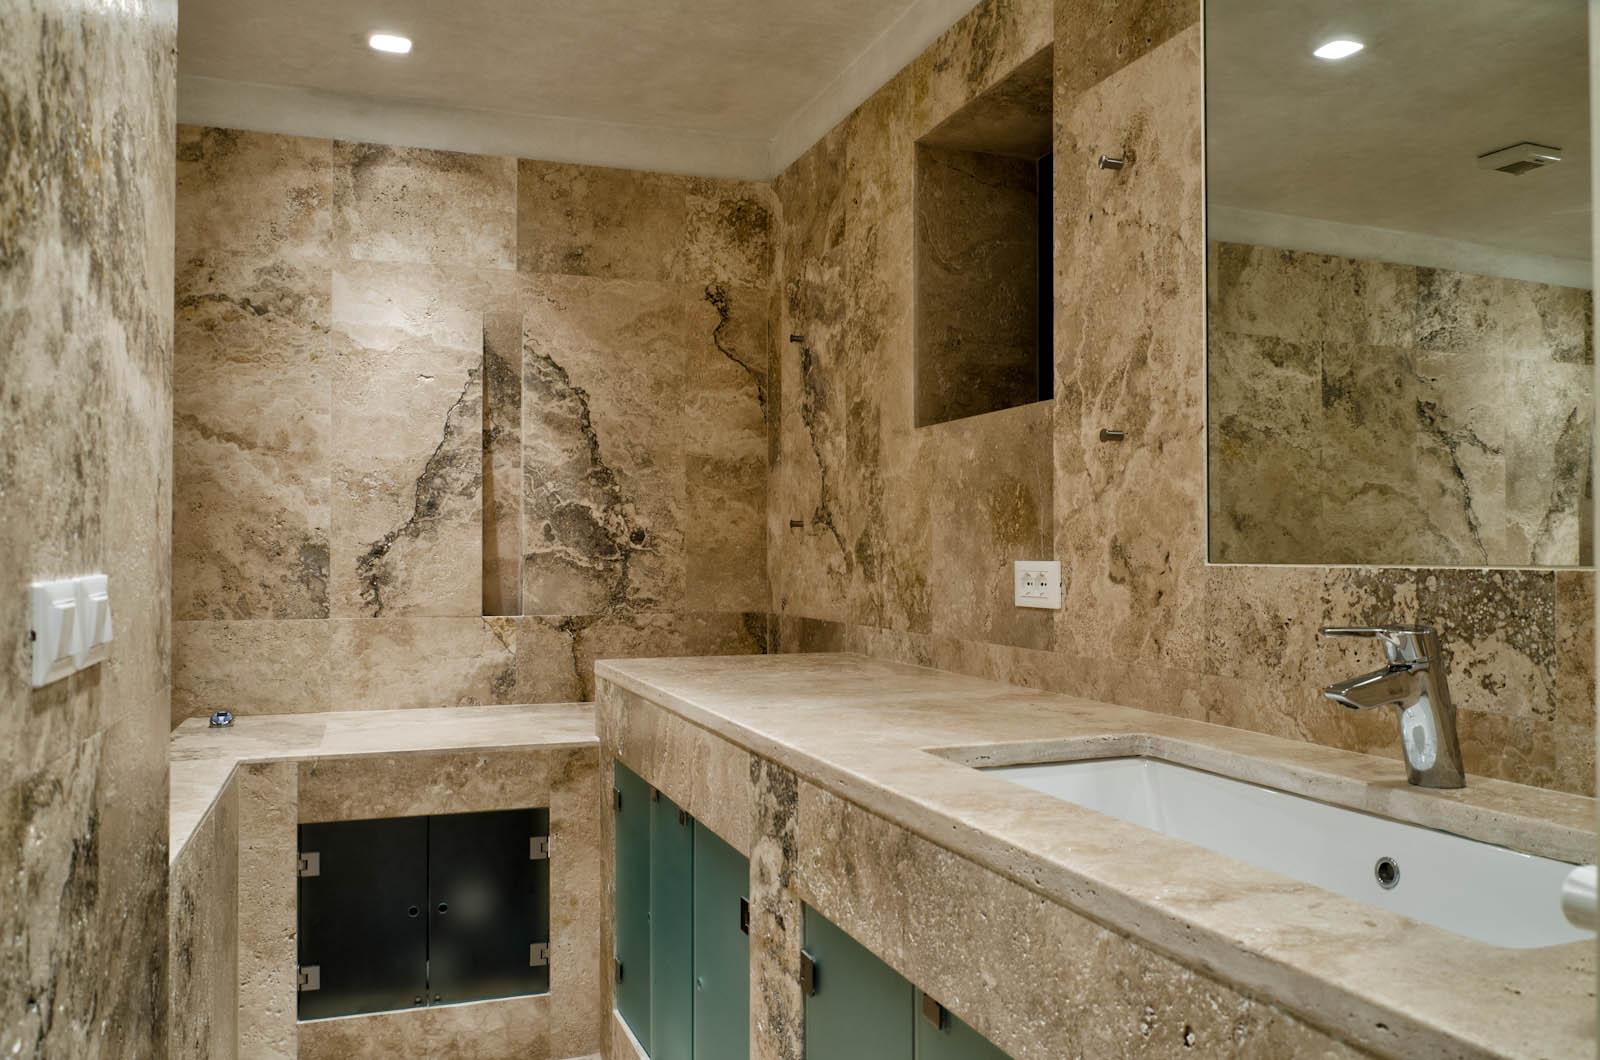 Villa waddell a fiesole - Bagni in pietra ...